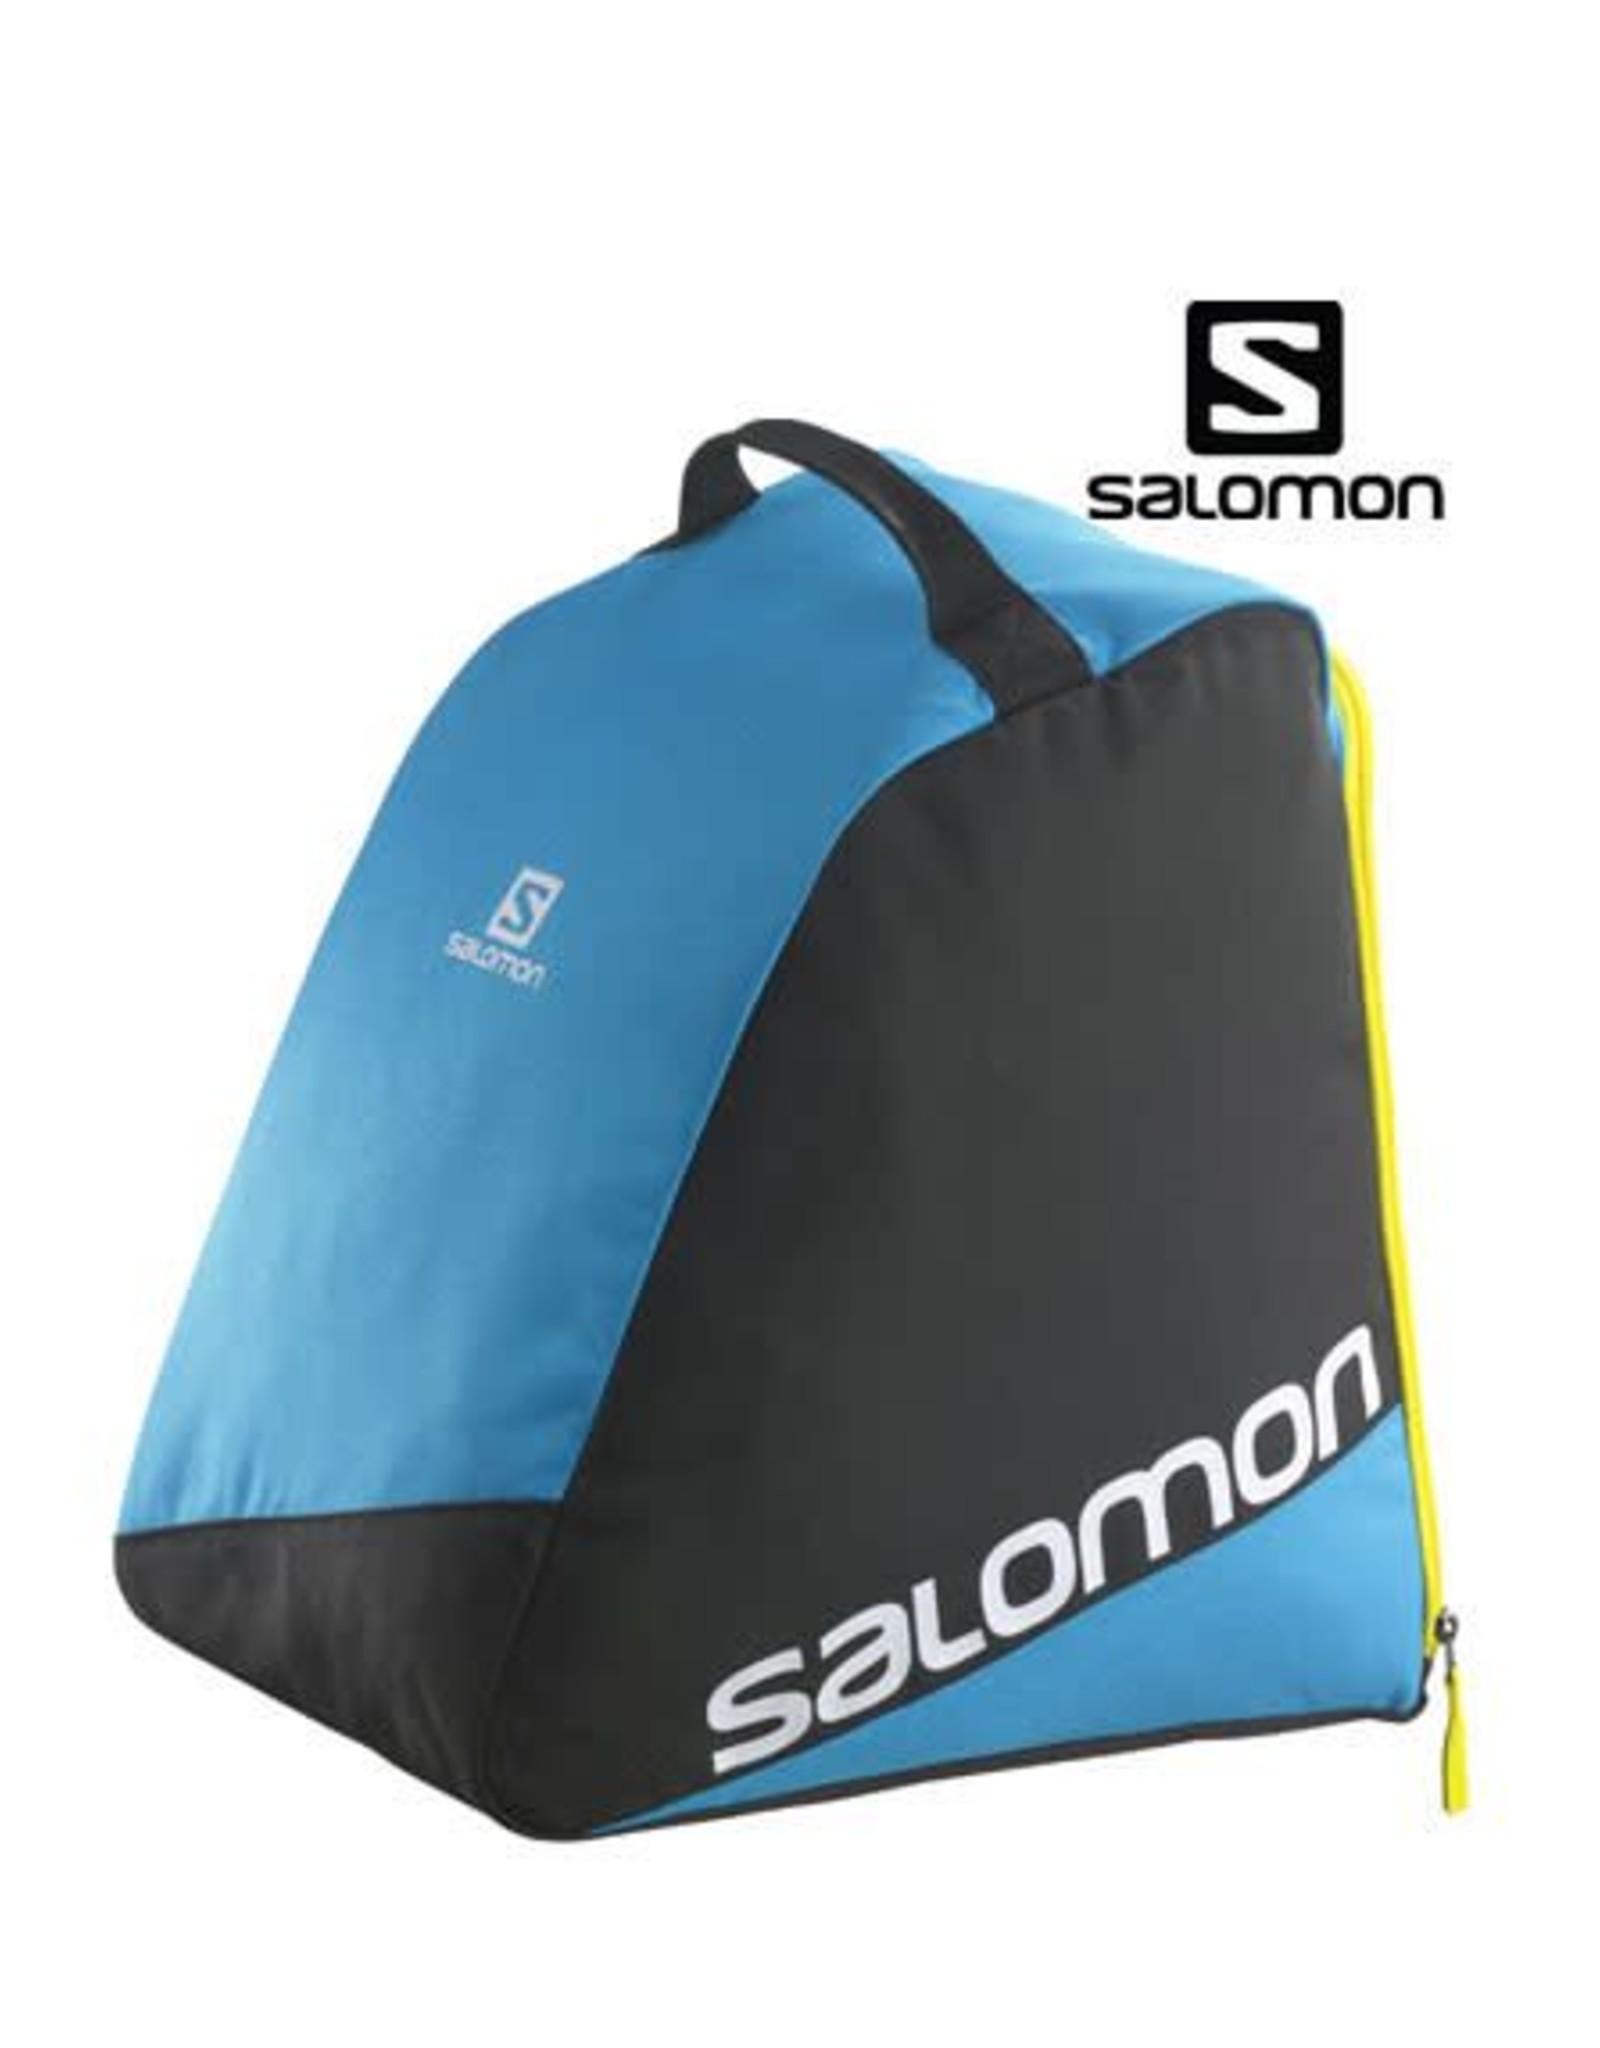 SALOMON SALOMON Skischoenentas One Size (Blauw)